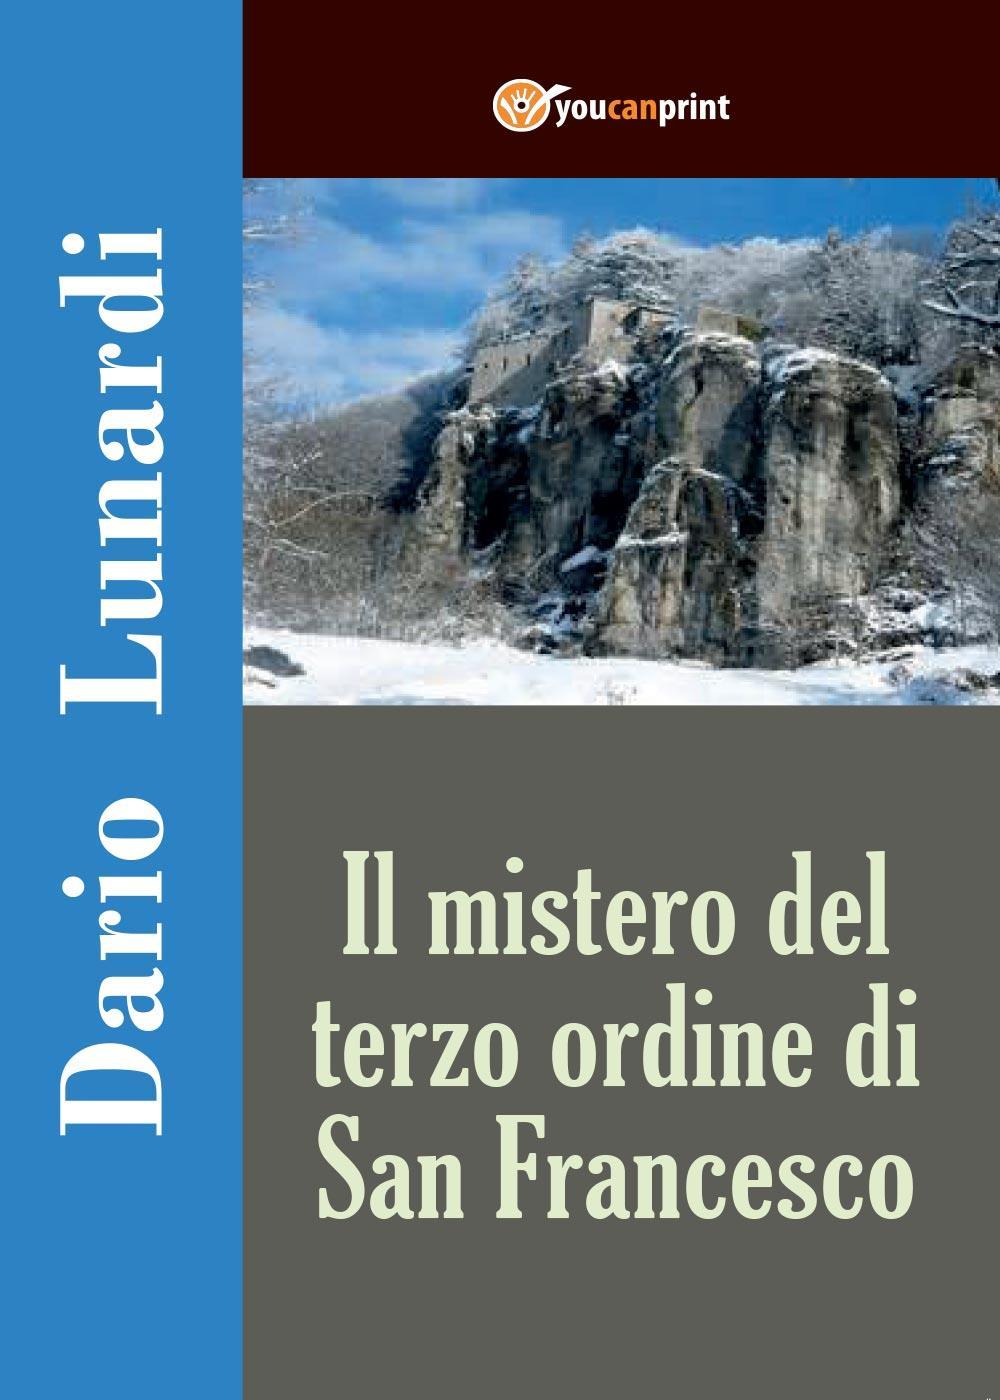 Il mistero del terzo ordine di San Francesco